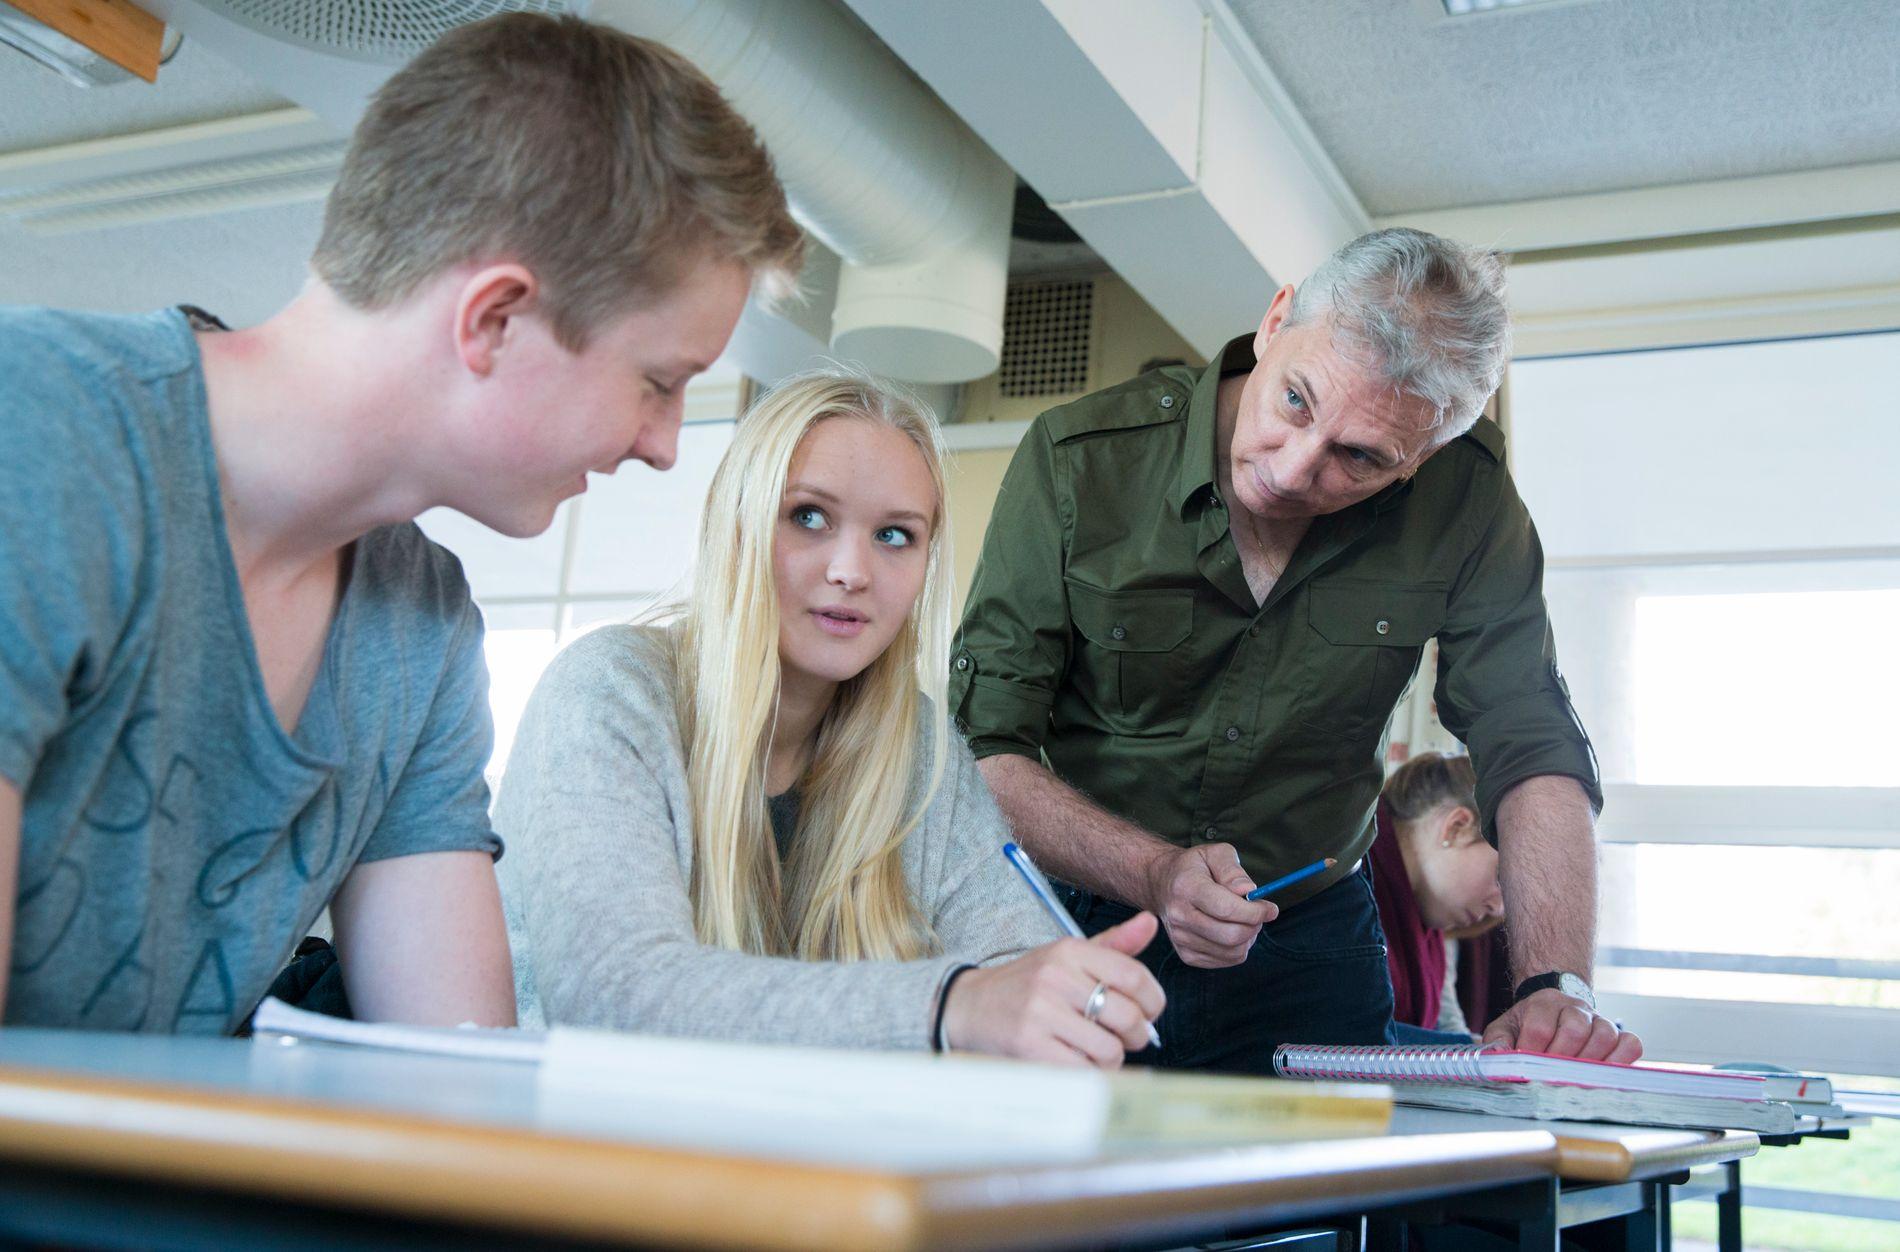 LÆRER-BEHOV:  Klasserom landet rundt er en sikker arbeidsplass for lærerstudenter, mener NAV. ILLUSTRASJONSFOTO